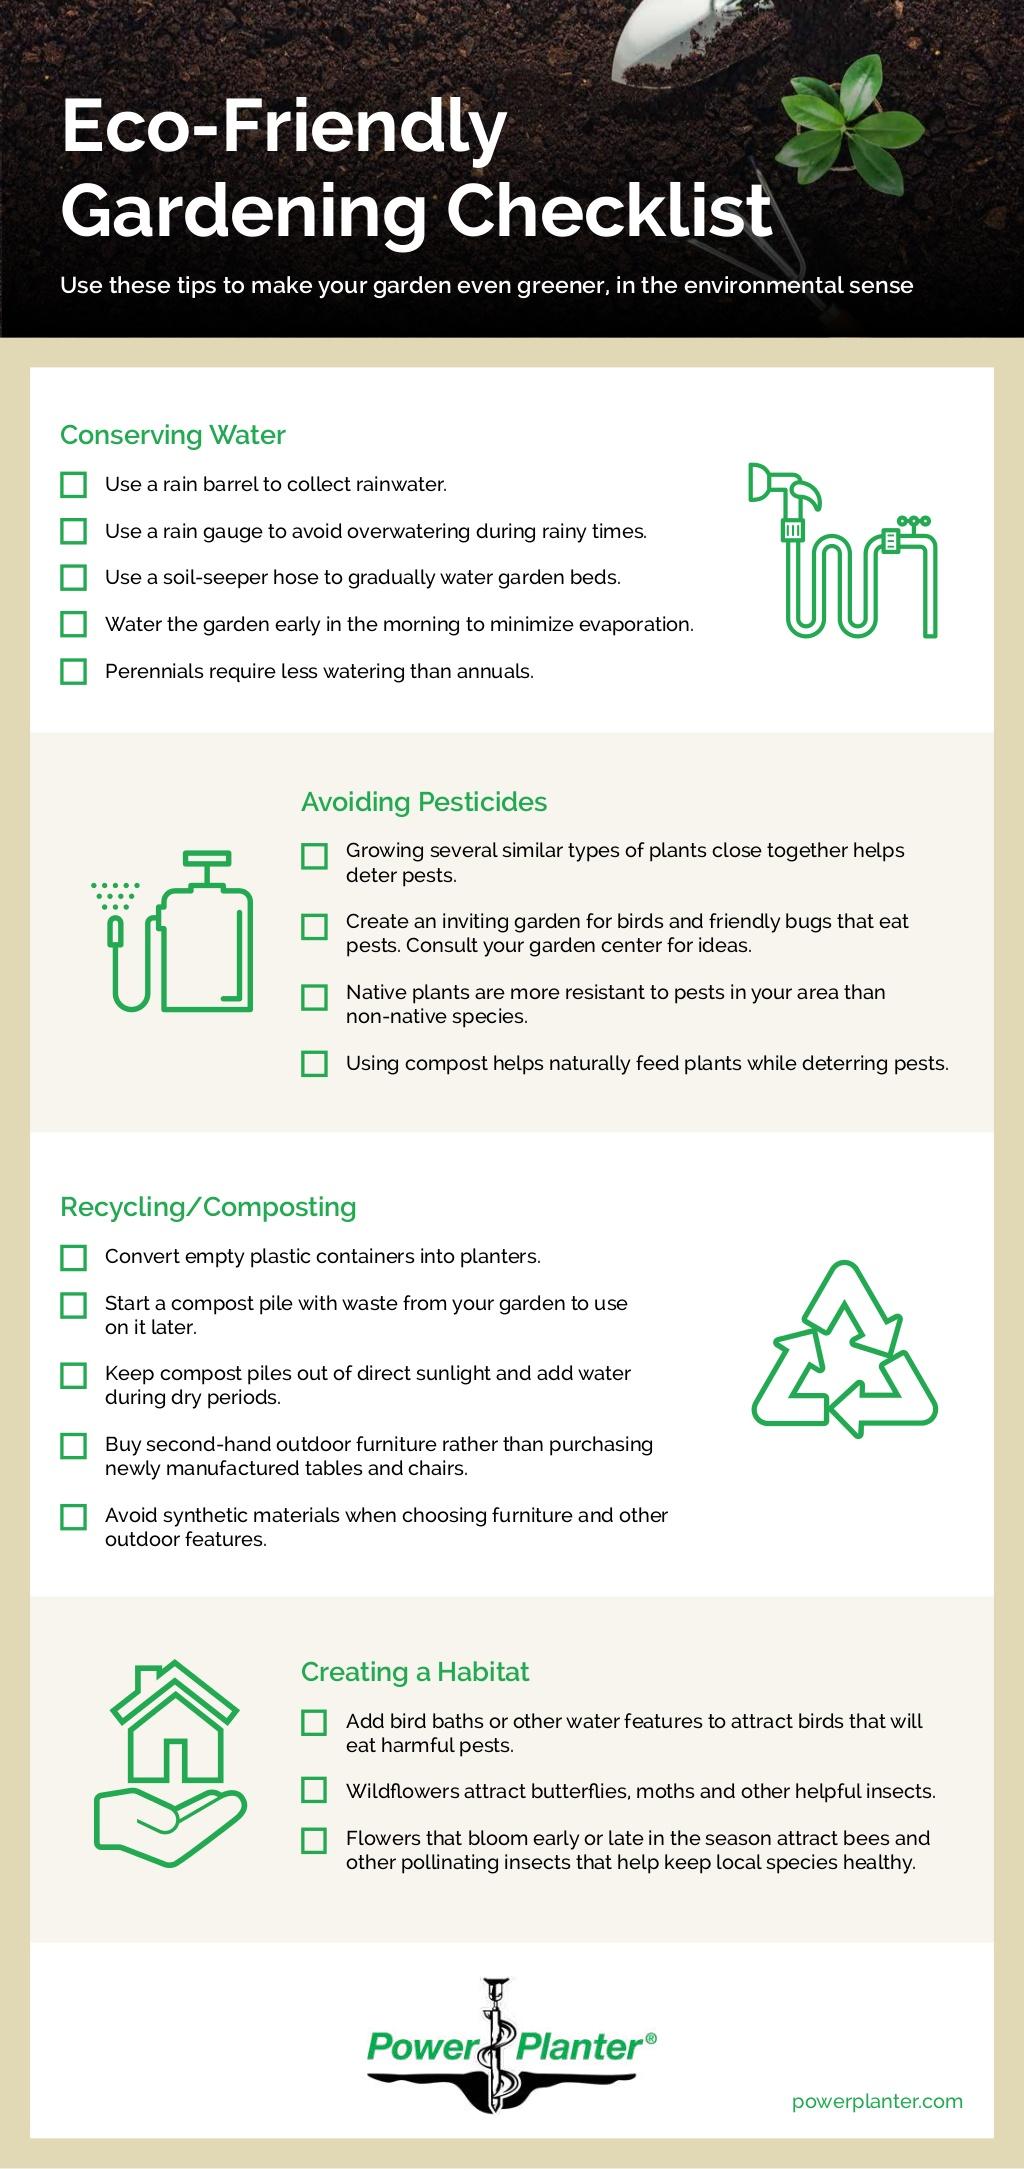 Eco-Friendly Gardening Checklist [Infographic] | ecogreenlove